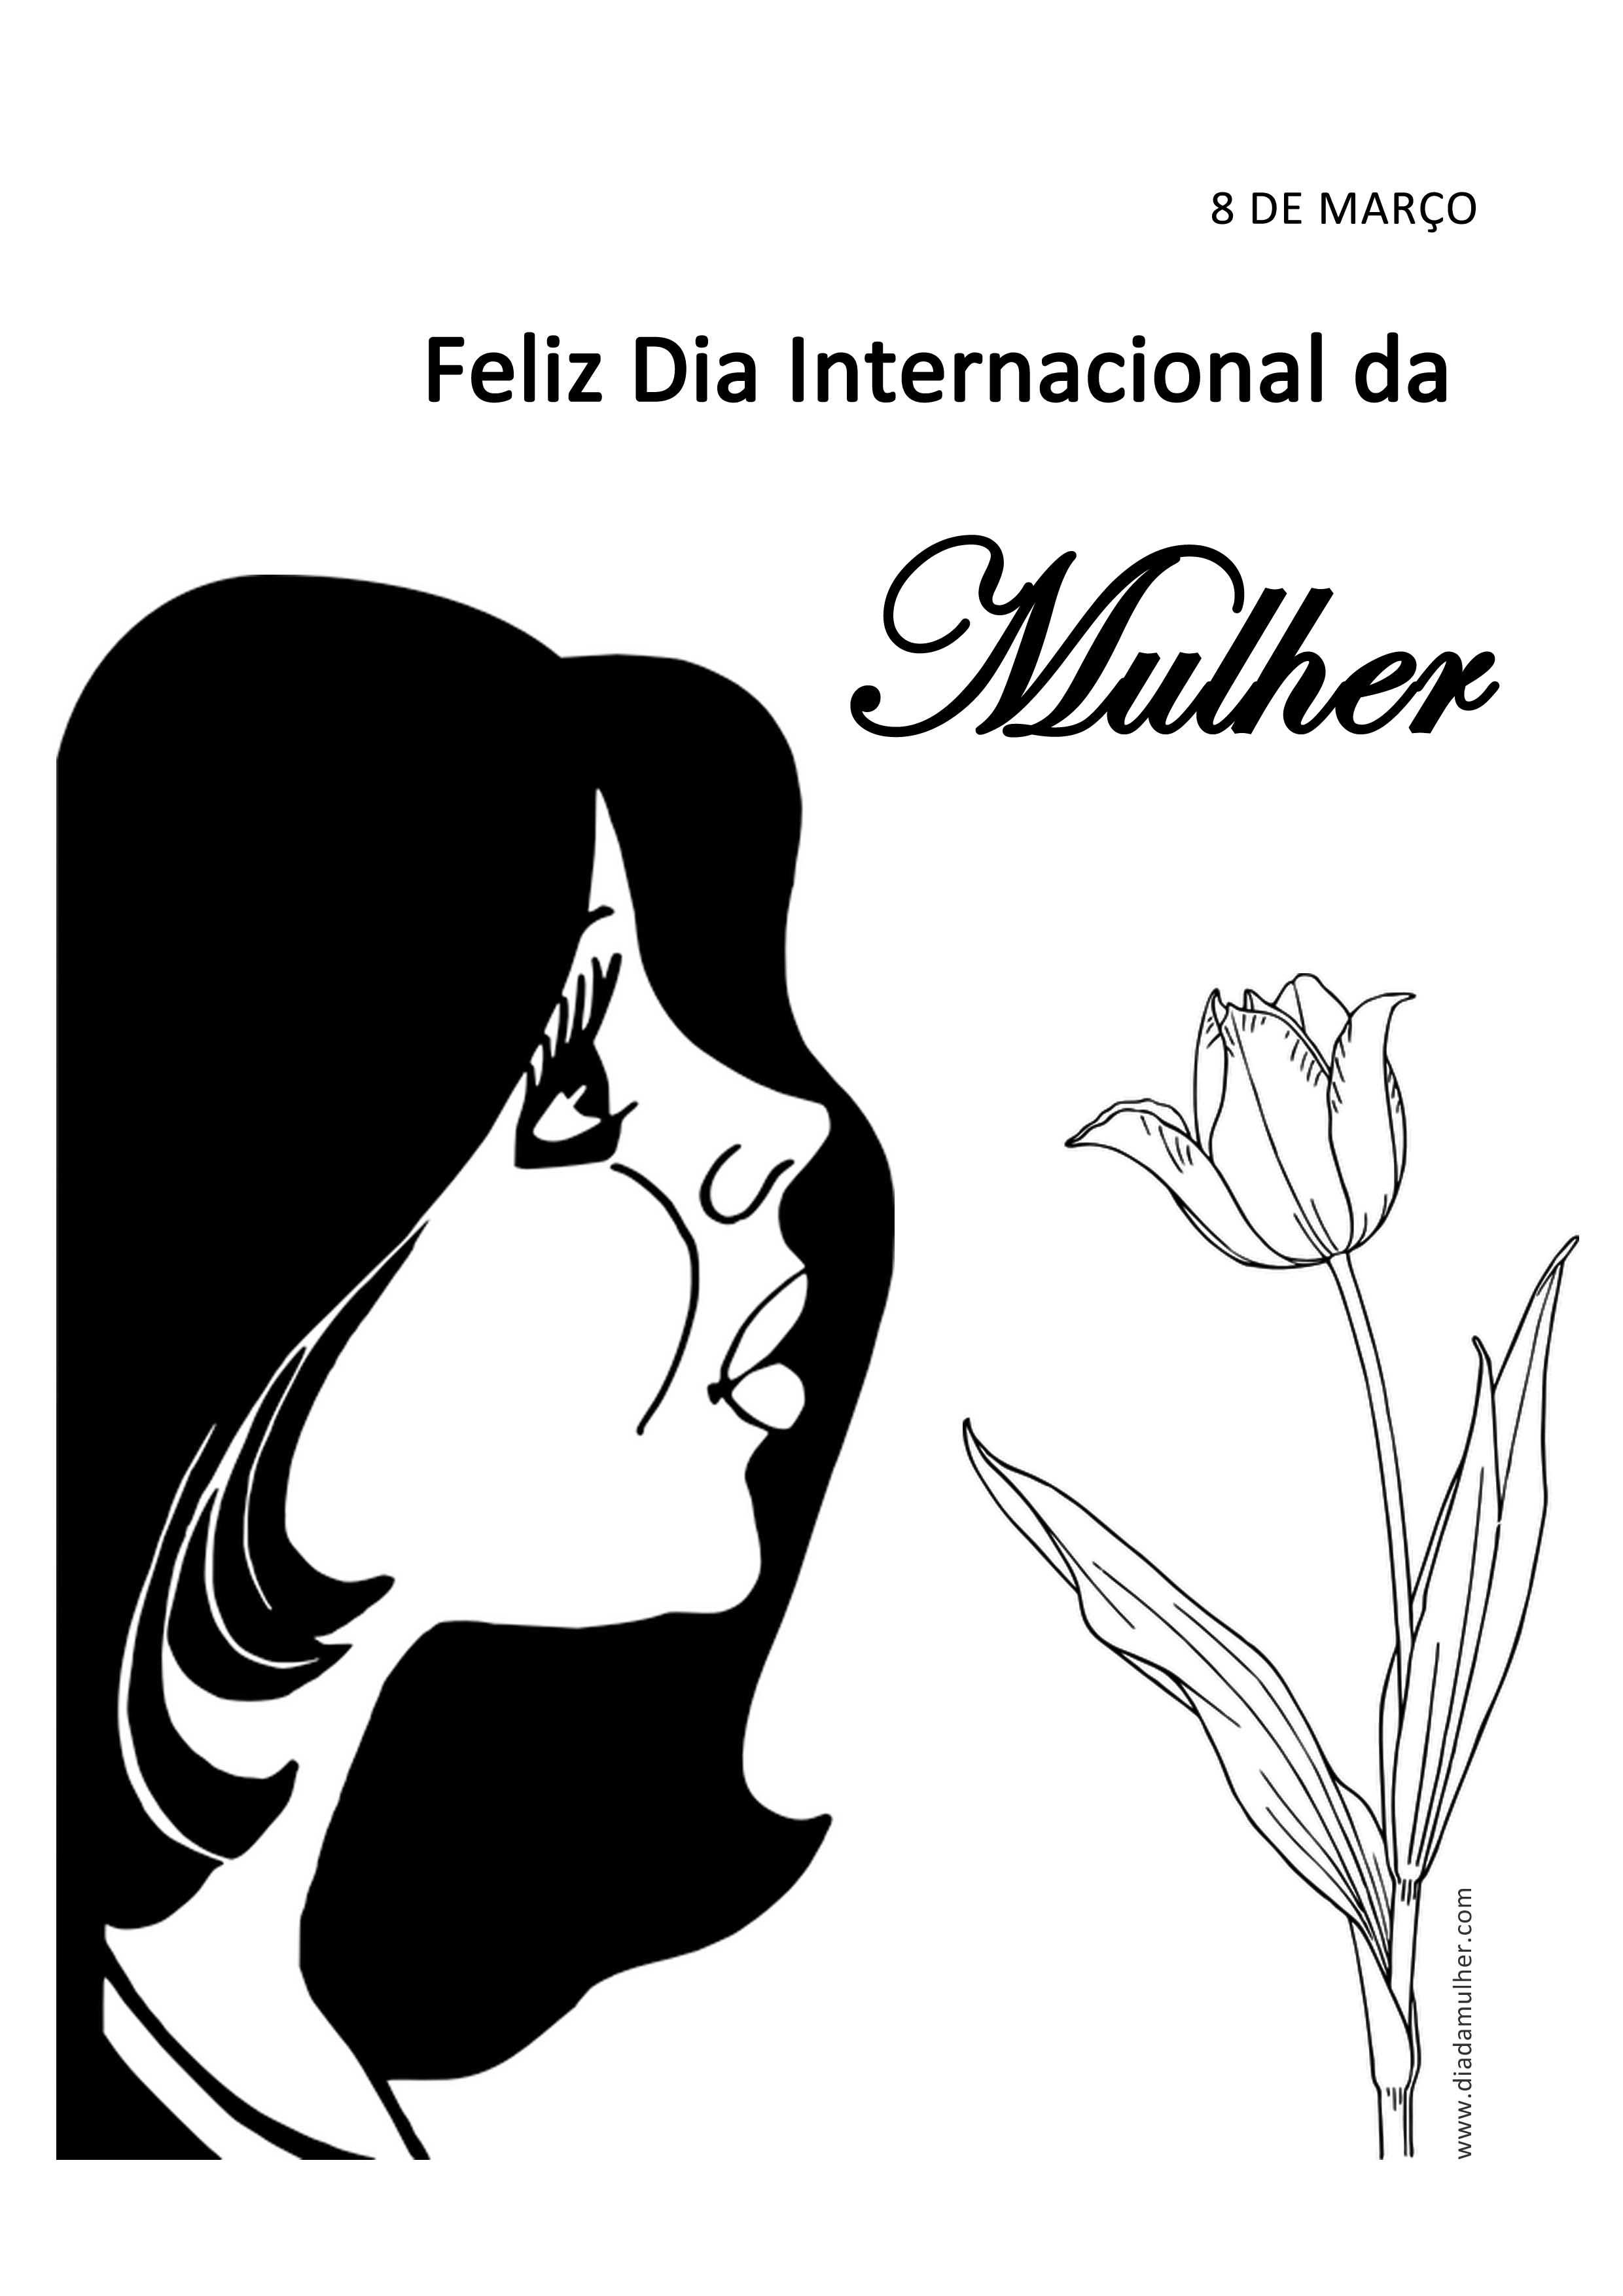 Atividades escolares Dia Internacional da Mulher - desenho para pintar dia da mulher